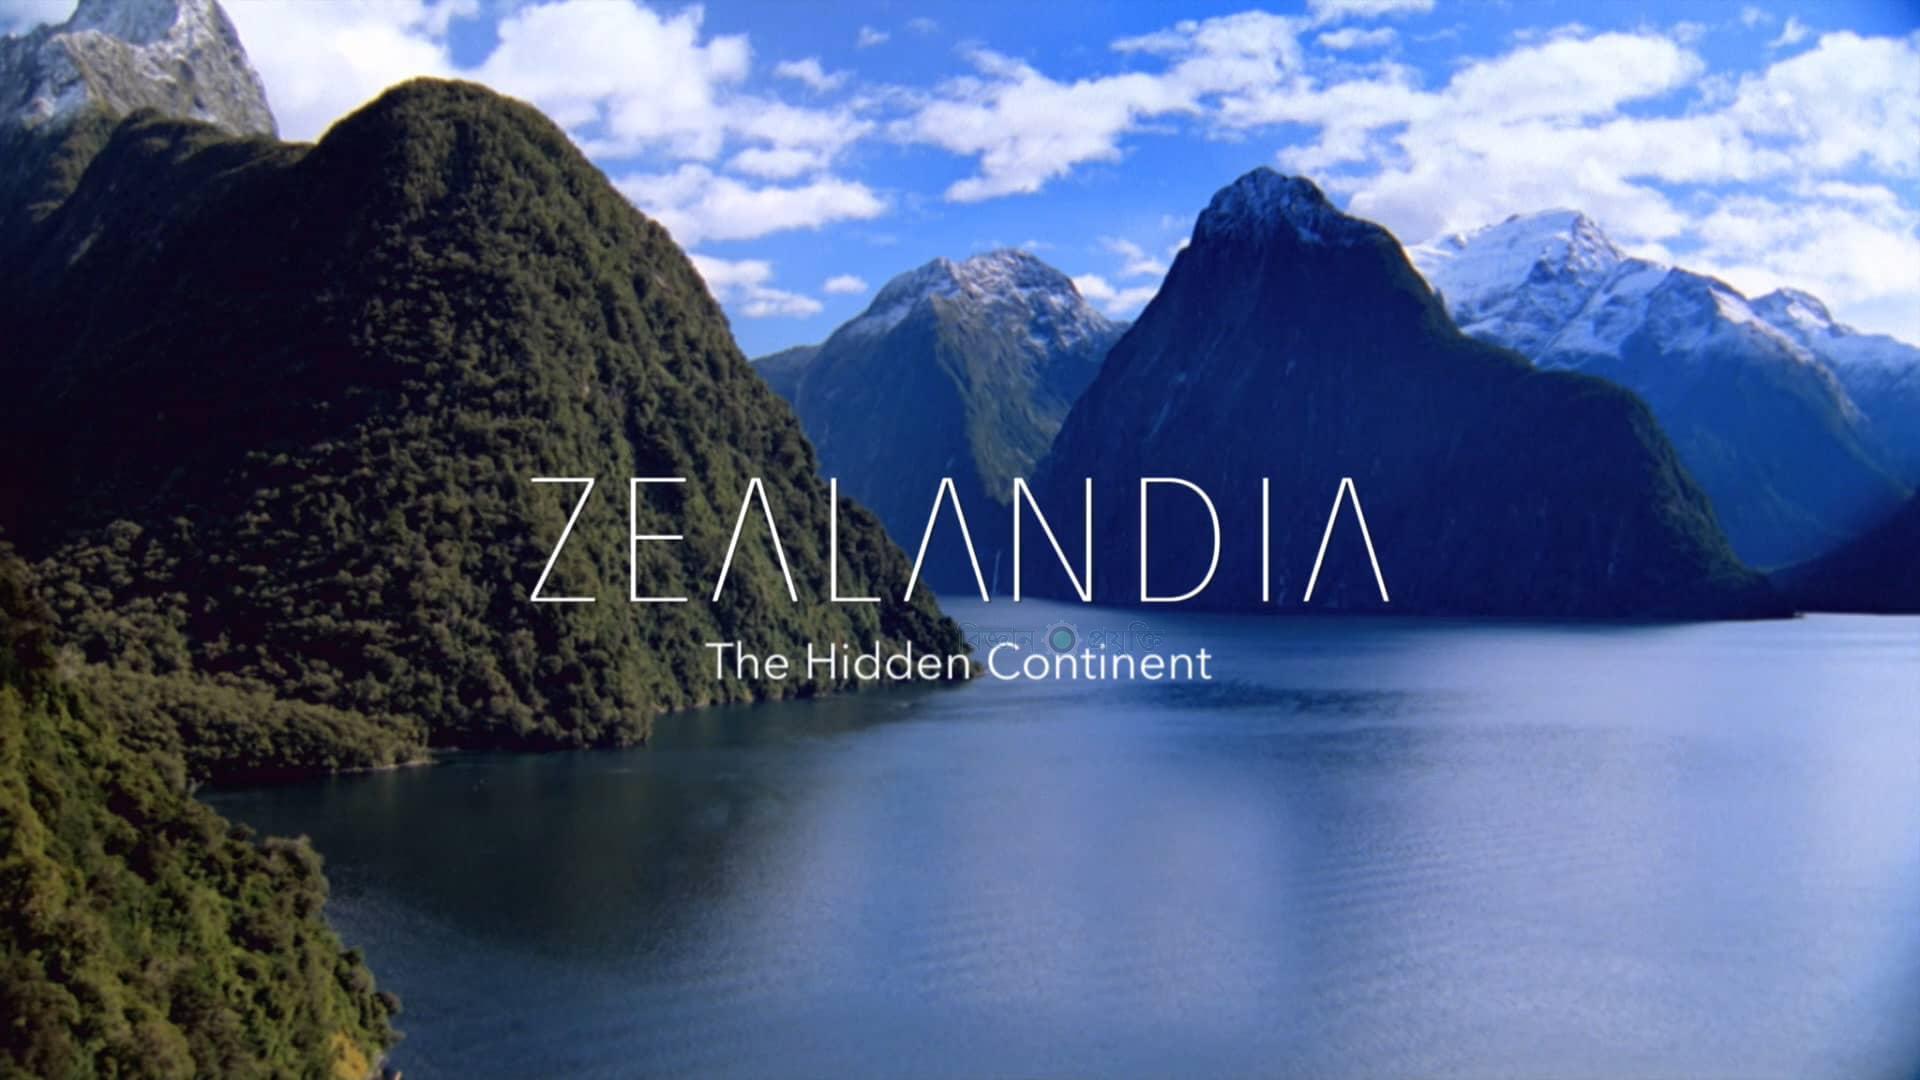 Confirman la existencia de Zealandia, el continente sumergido